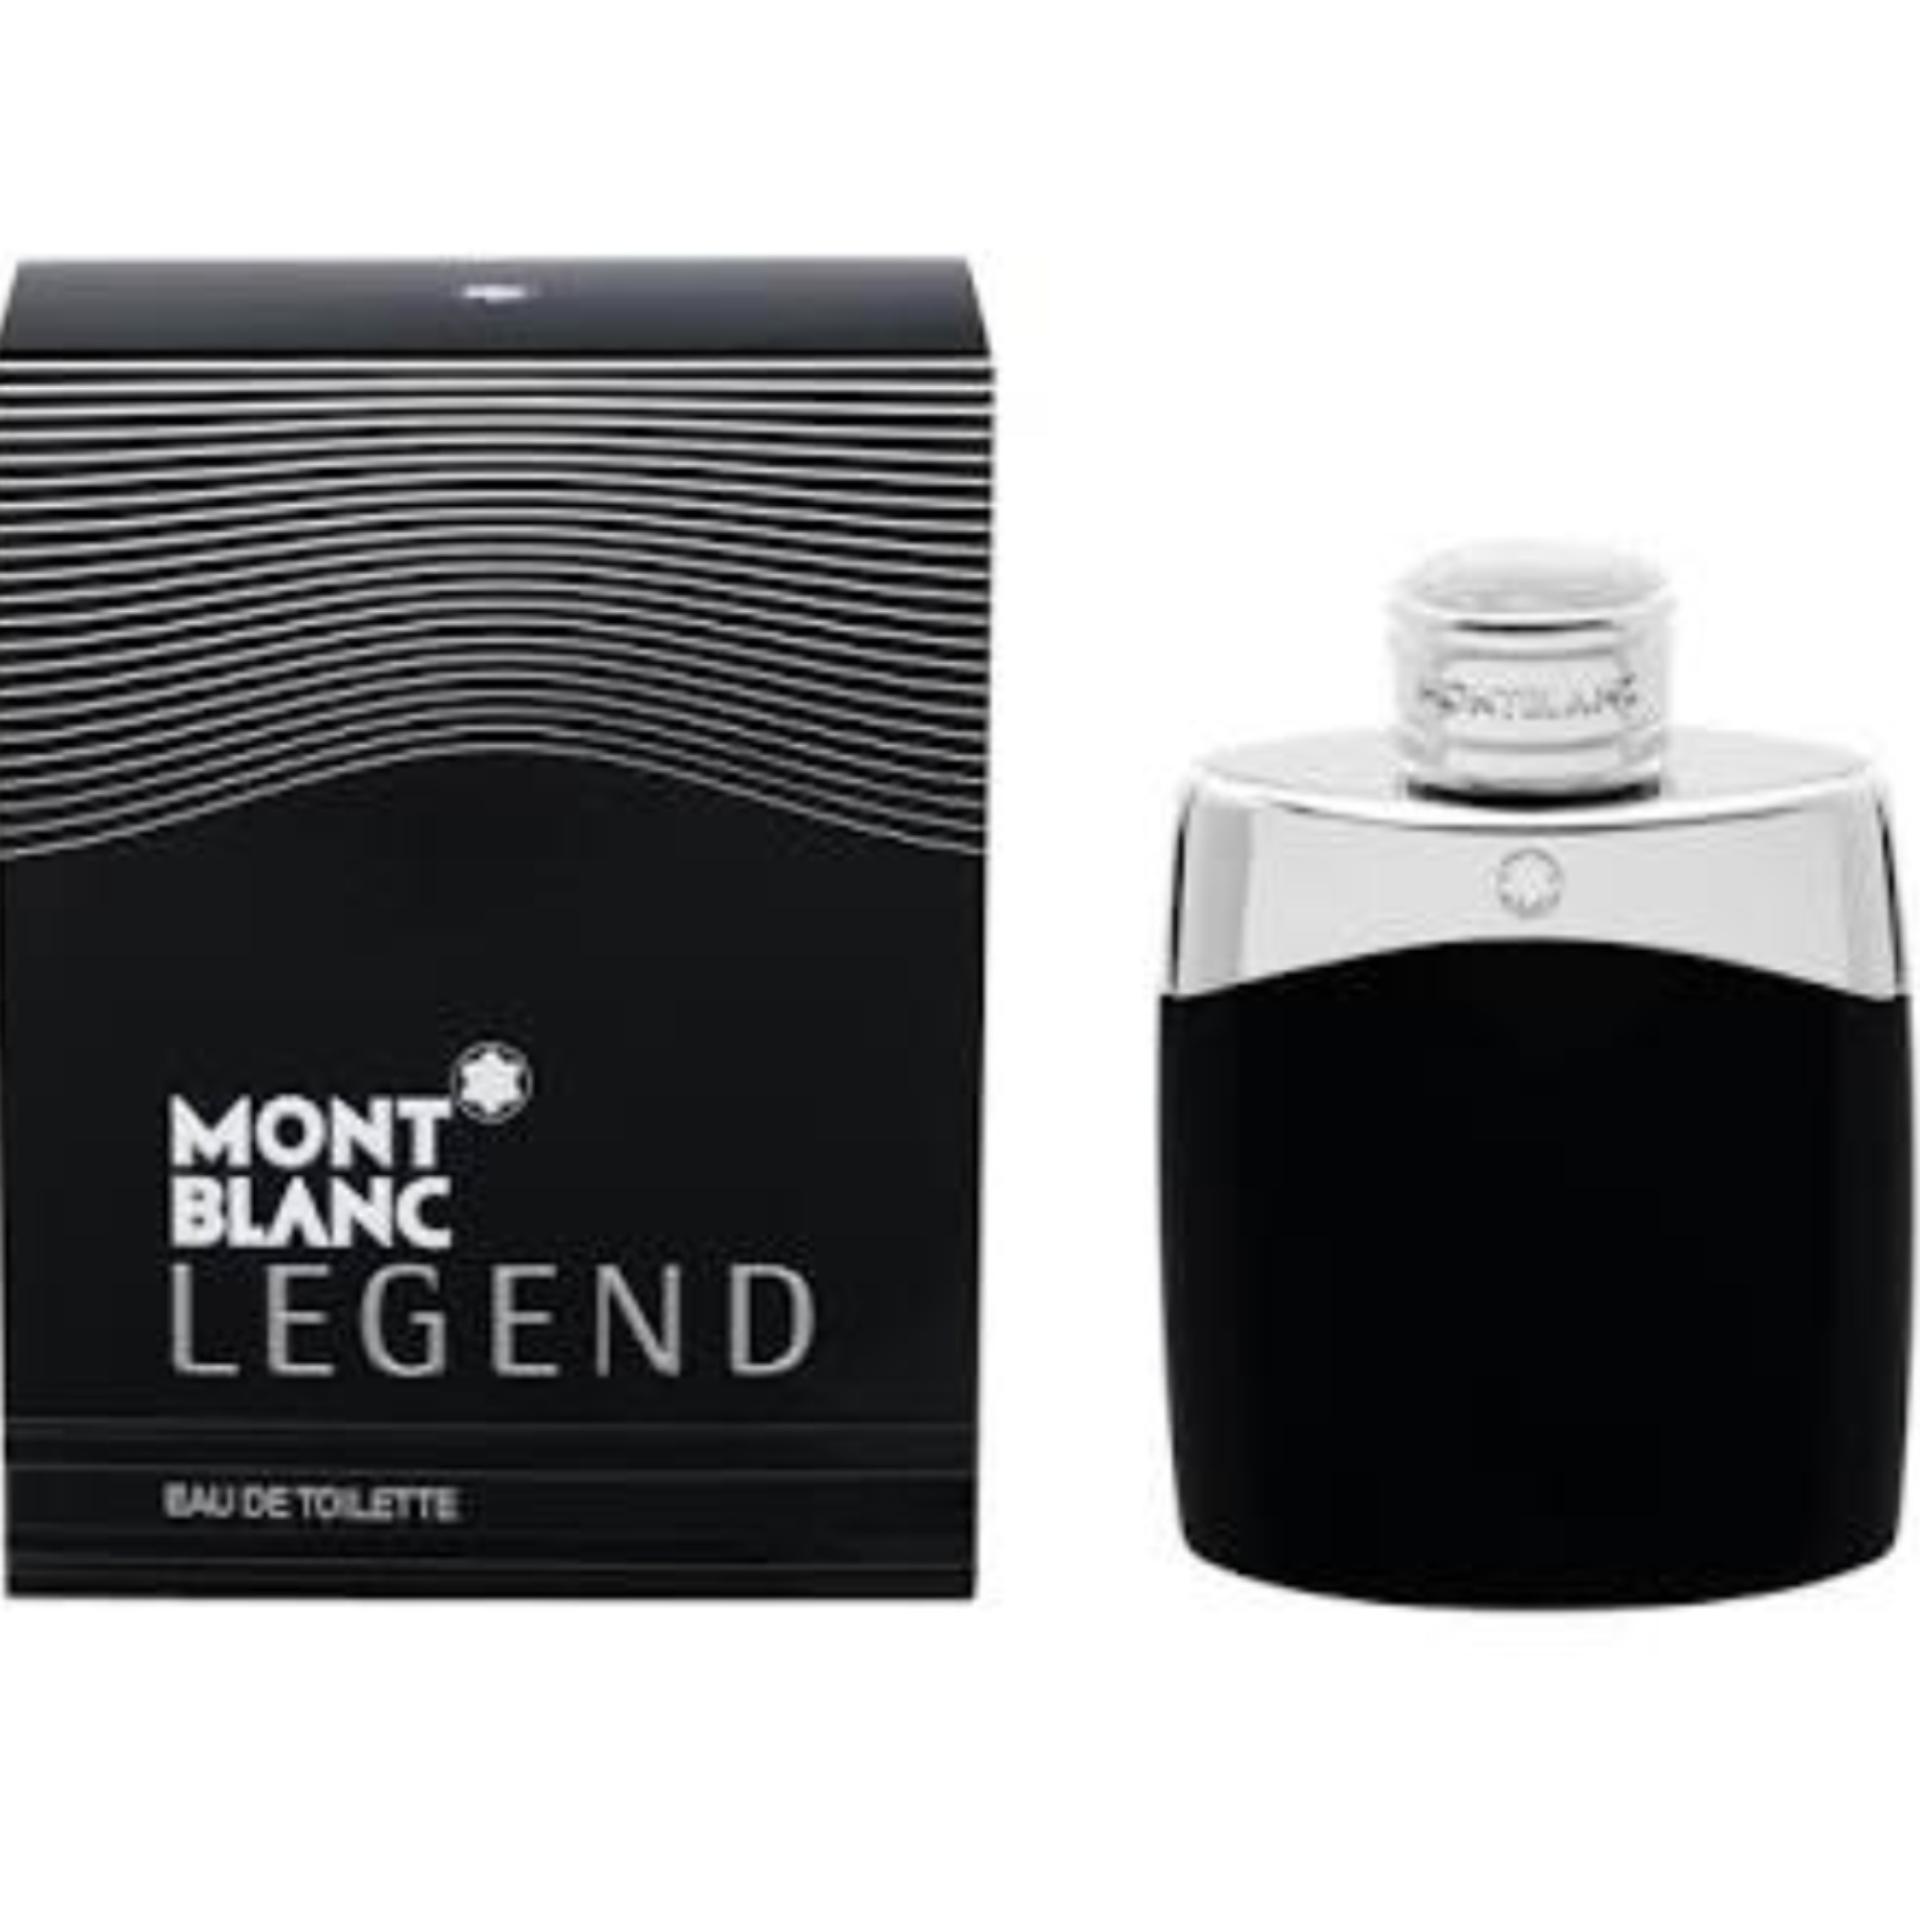 Mont Blanc Legend Eau de Toilette for Men 100ml